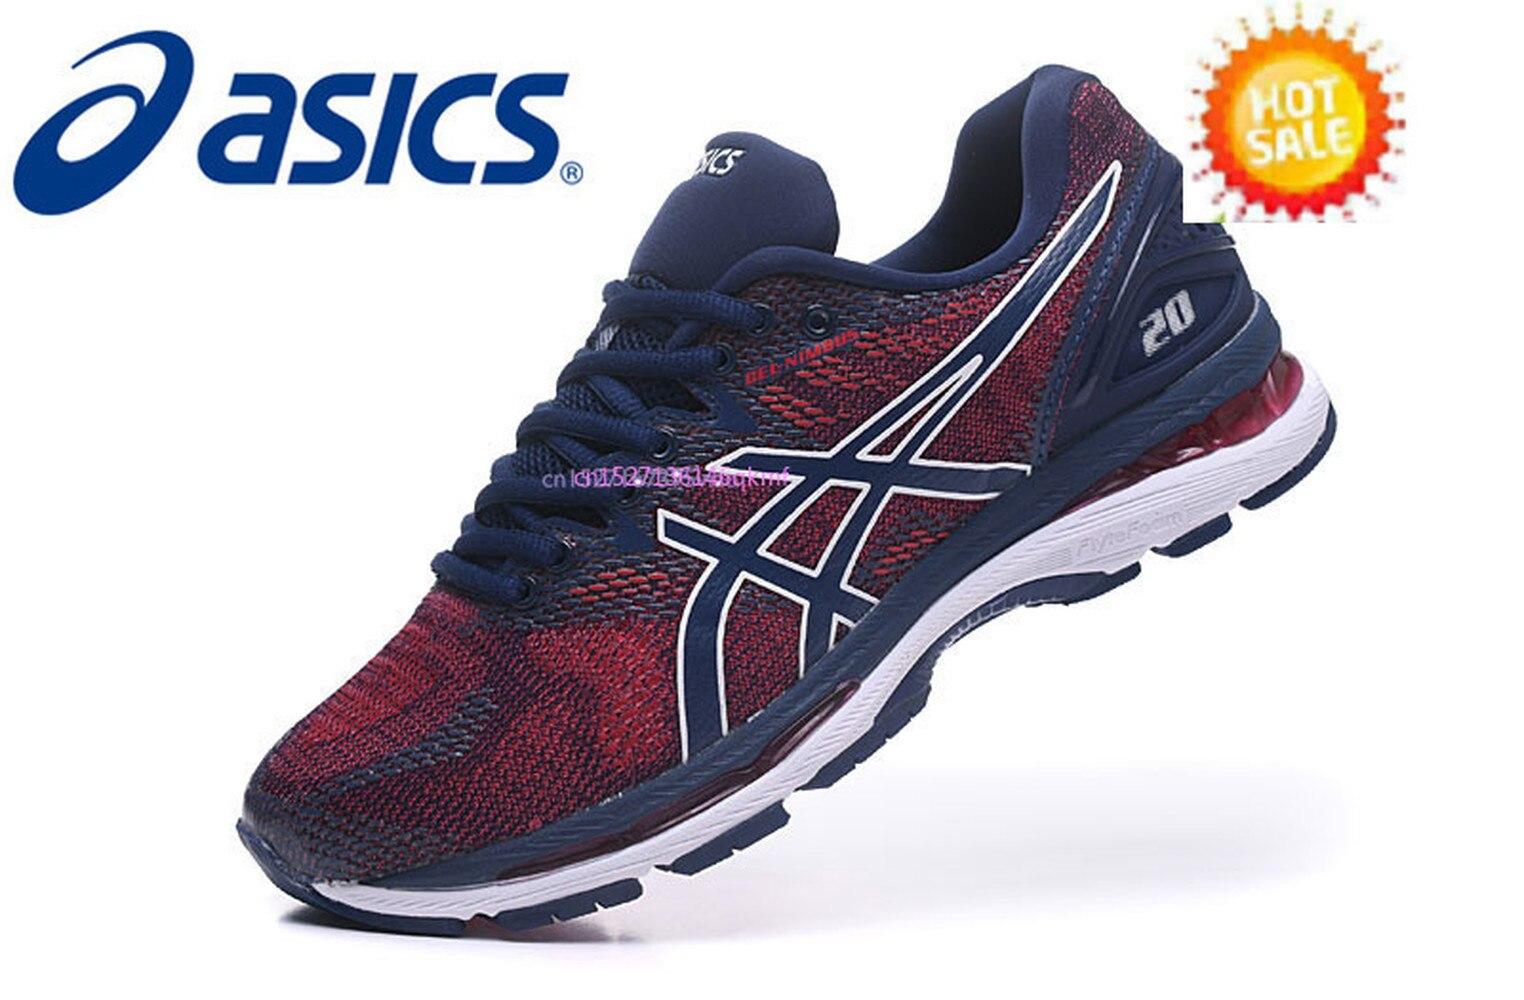 D'origine Asics Gel Nimbus 20 Chaussures de Course Nouveaux Arrivants Asics Chaussures de Sport Pour Hommes Taille Eur 40.5-45